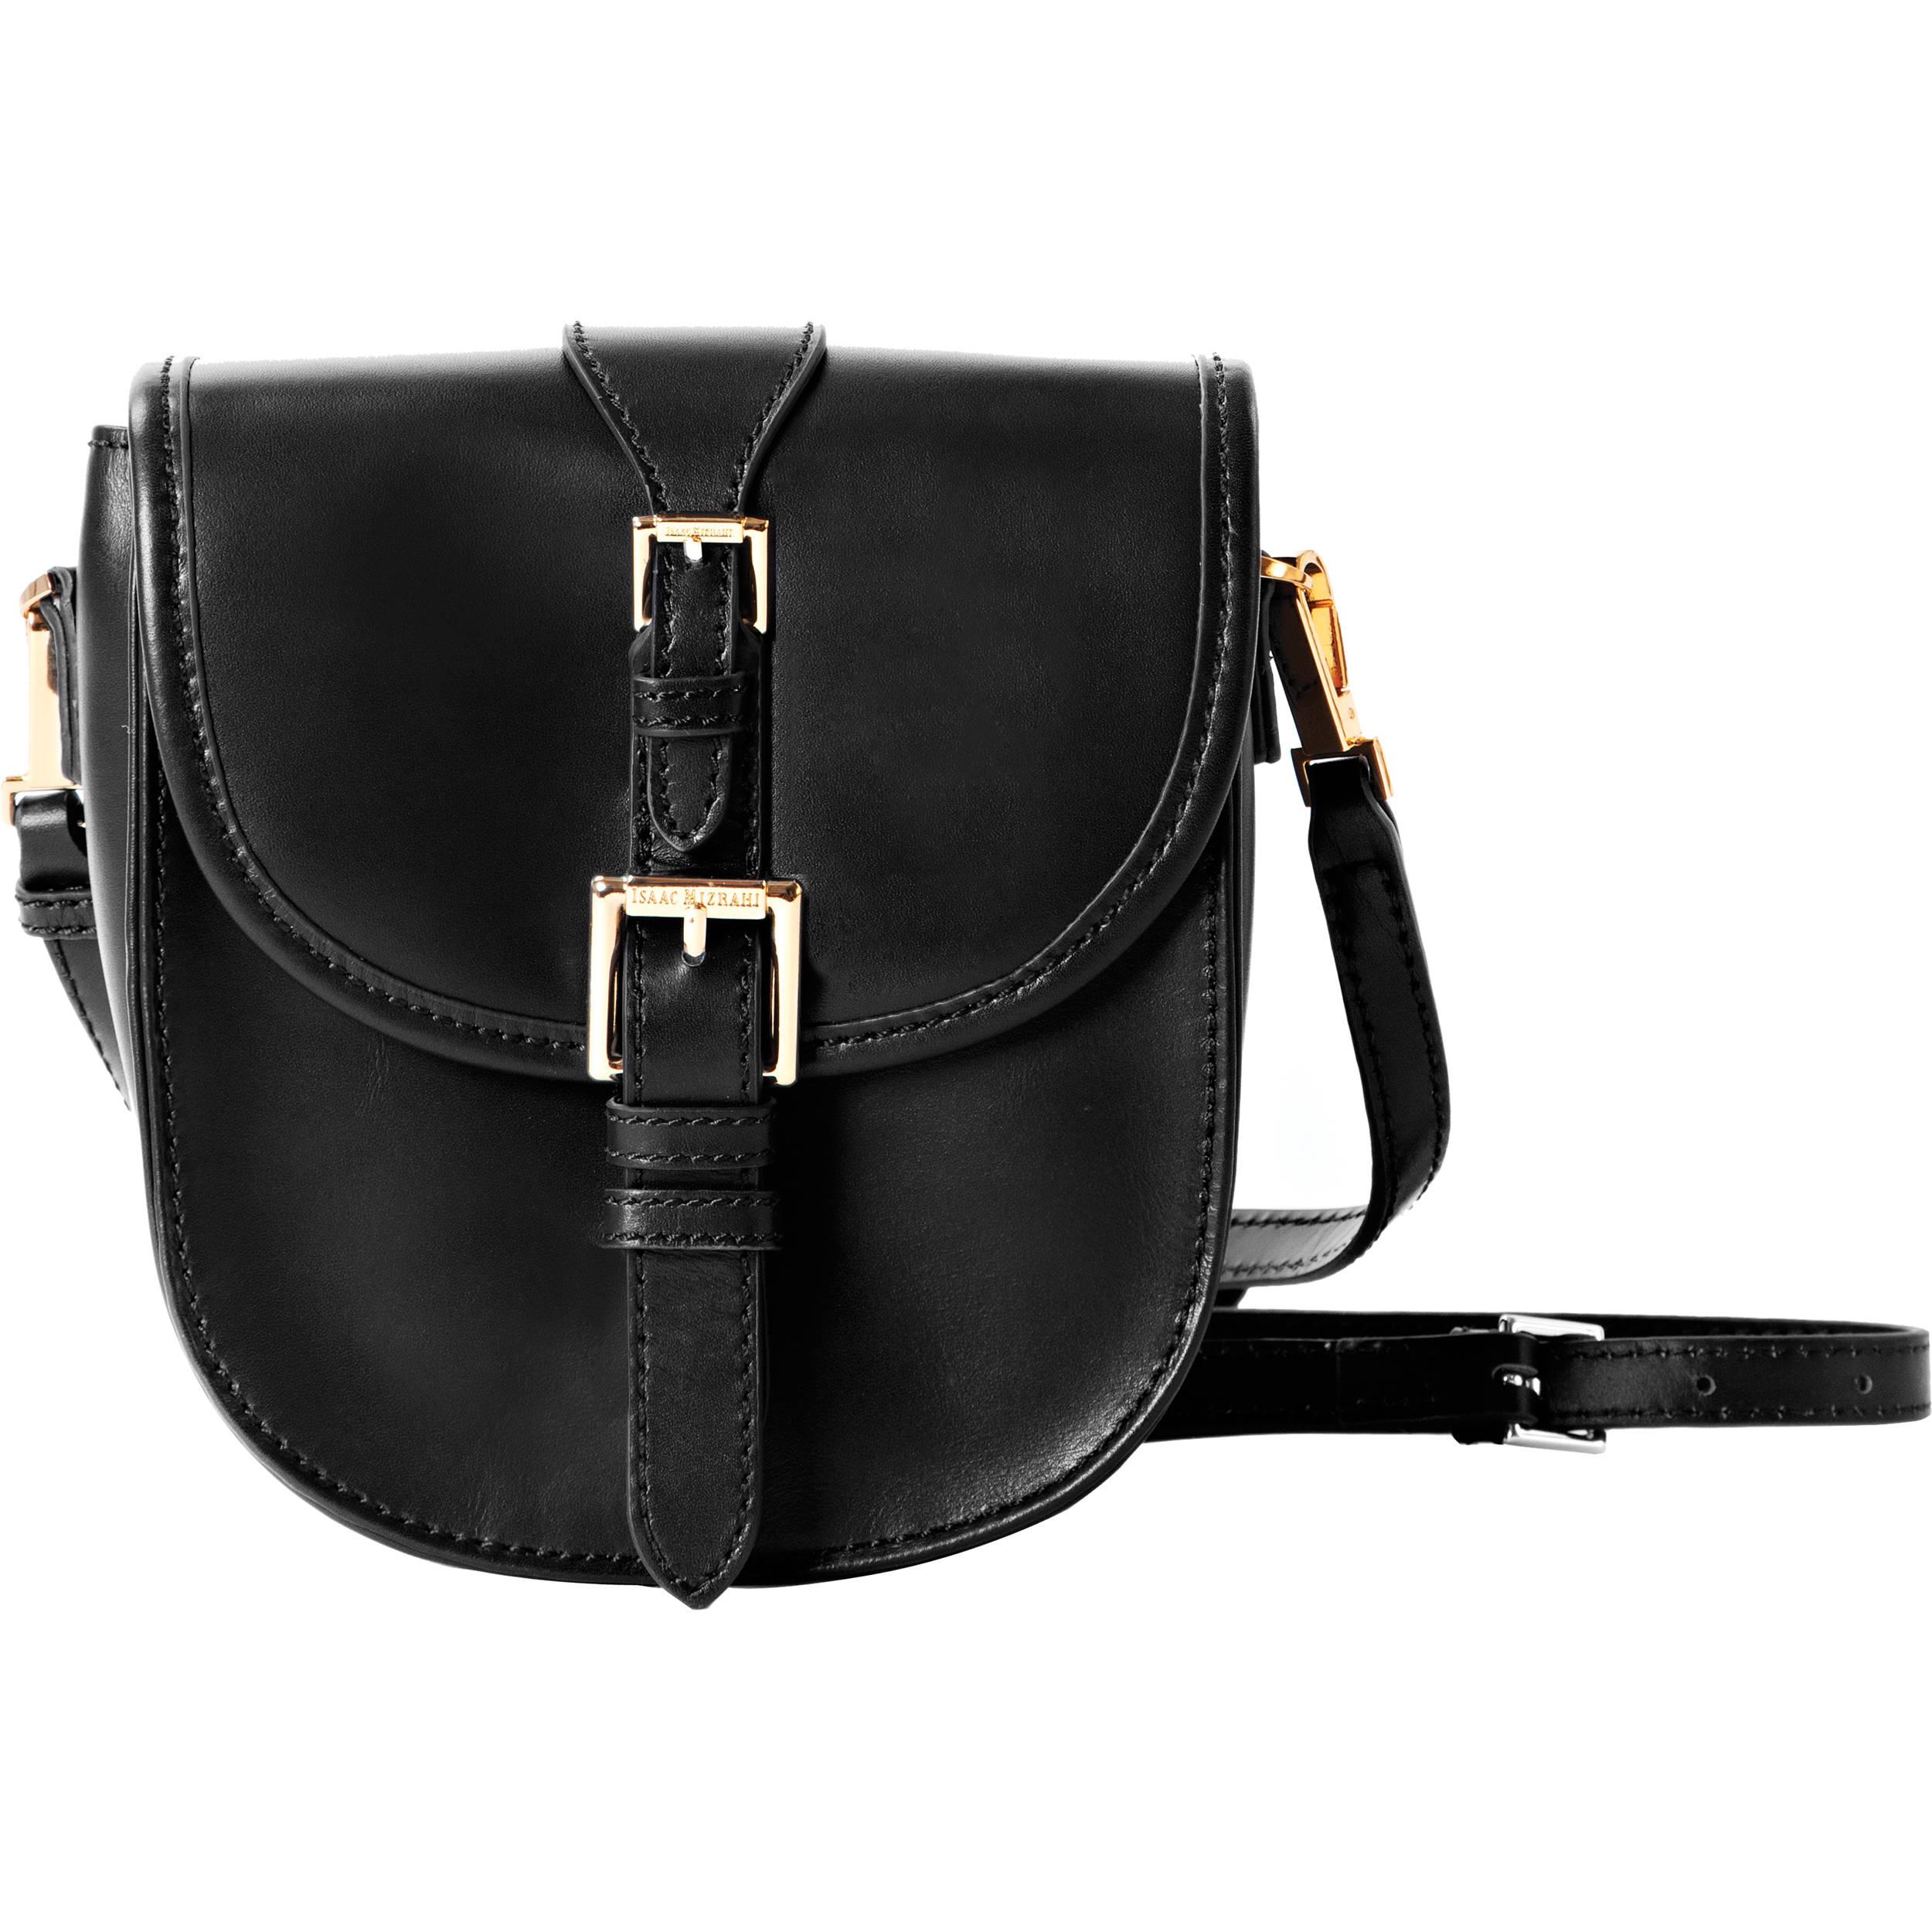 ISAAC MIZRAHI The Jane Cross-Body Camera Bag (Black) IM22902-BK 7ac733b15eaa3